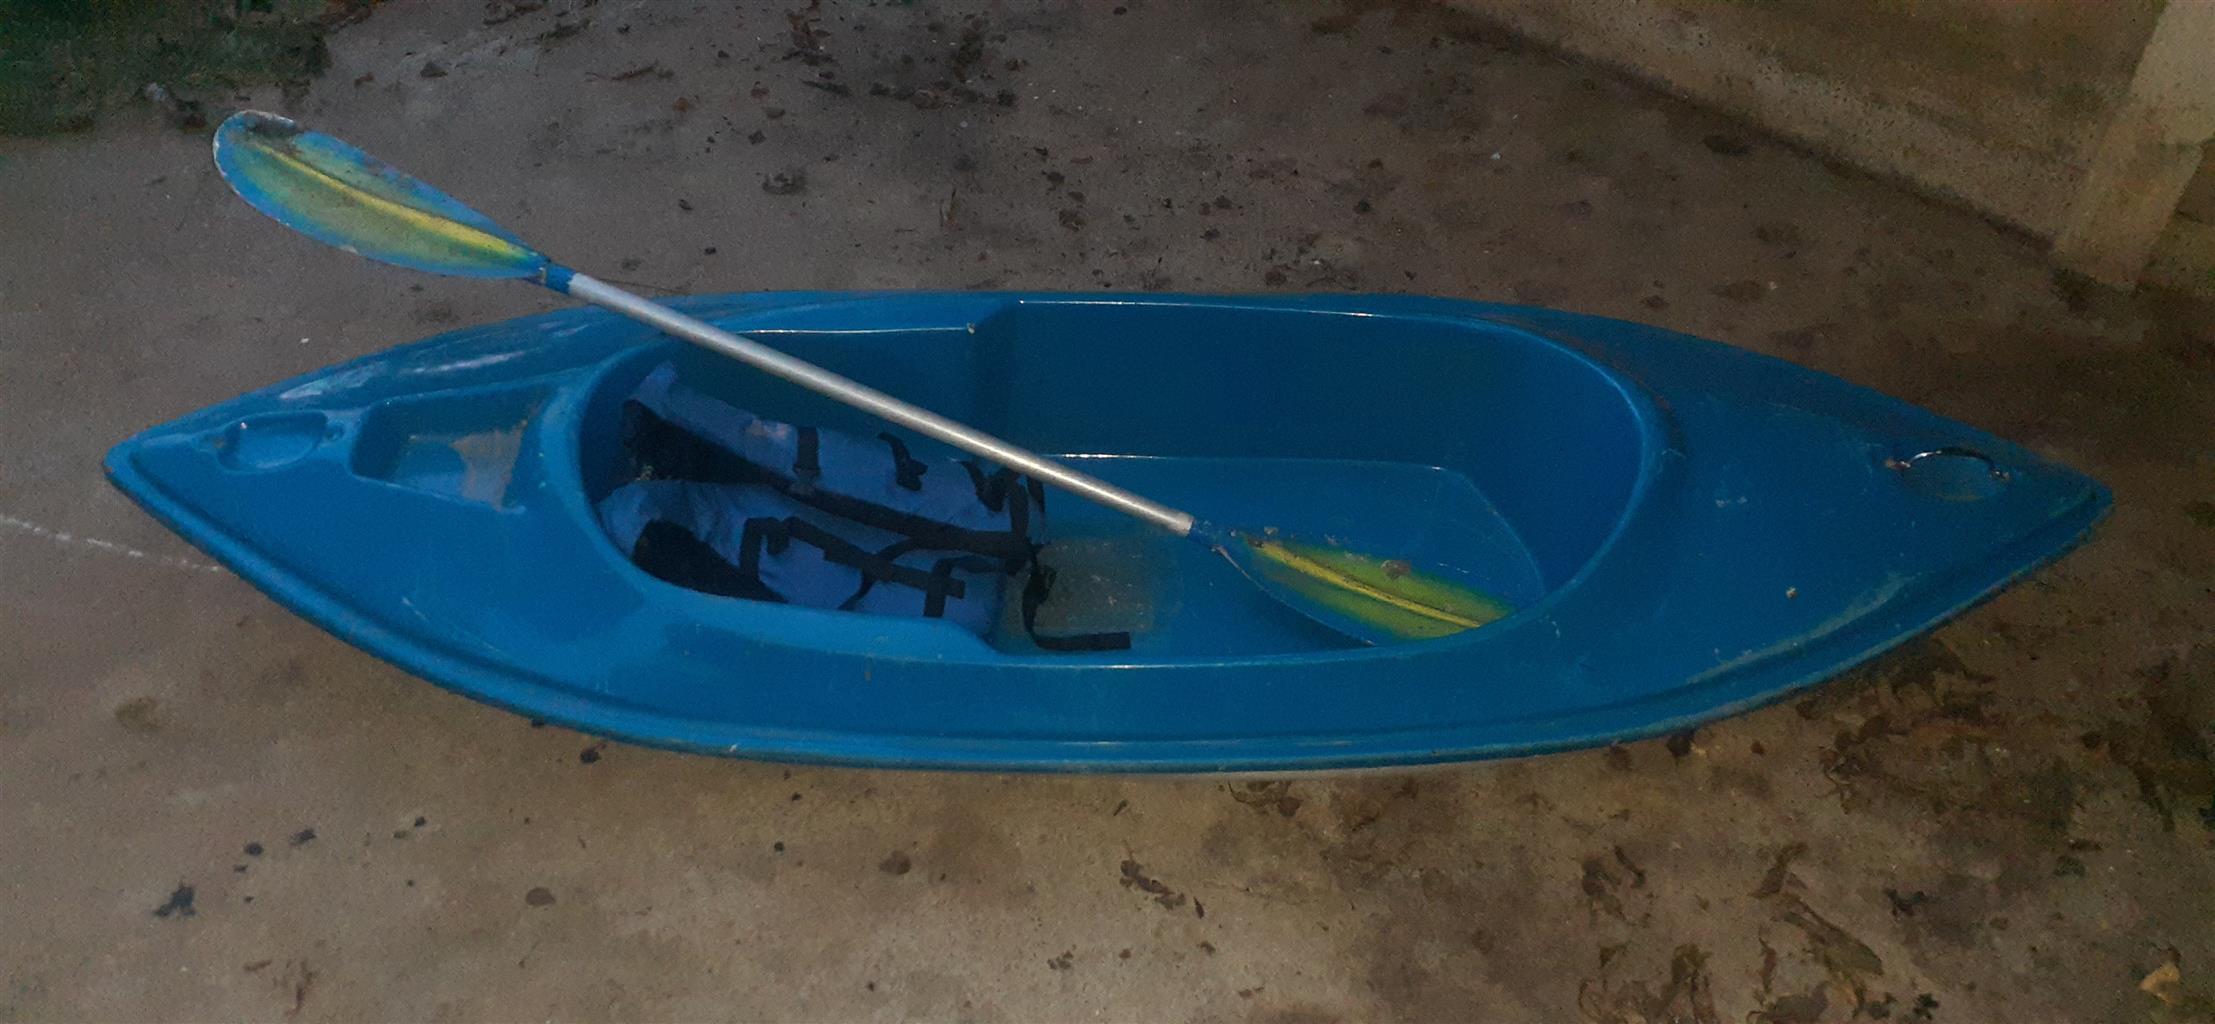 Kanoe met spaane